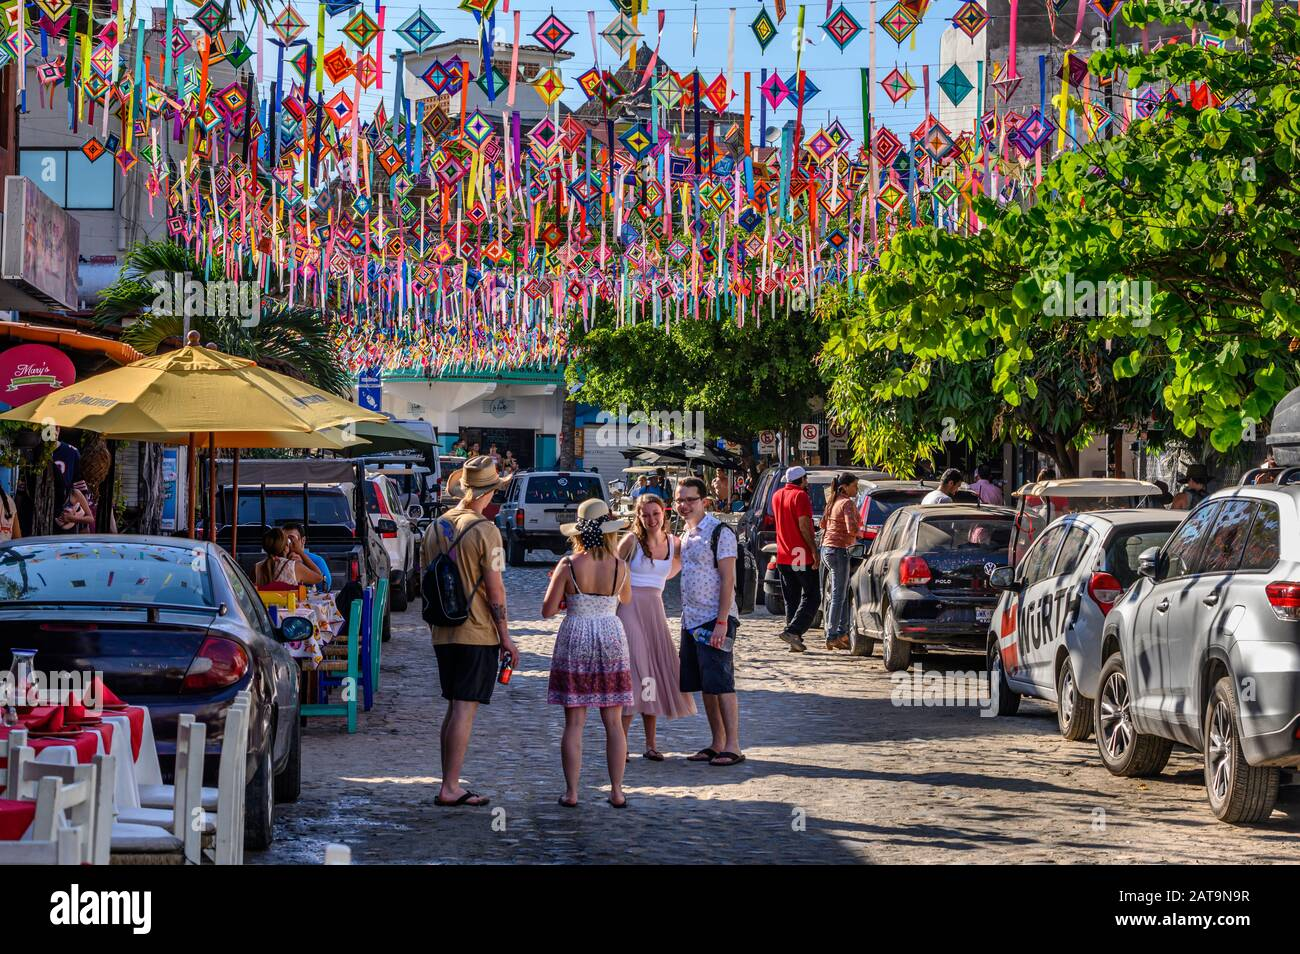 Vistiors prenant des selfies à Sayulita, Riviera Nayarit, Mexique. Banque D'Images